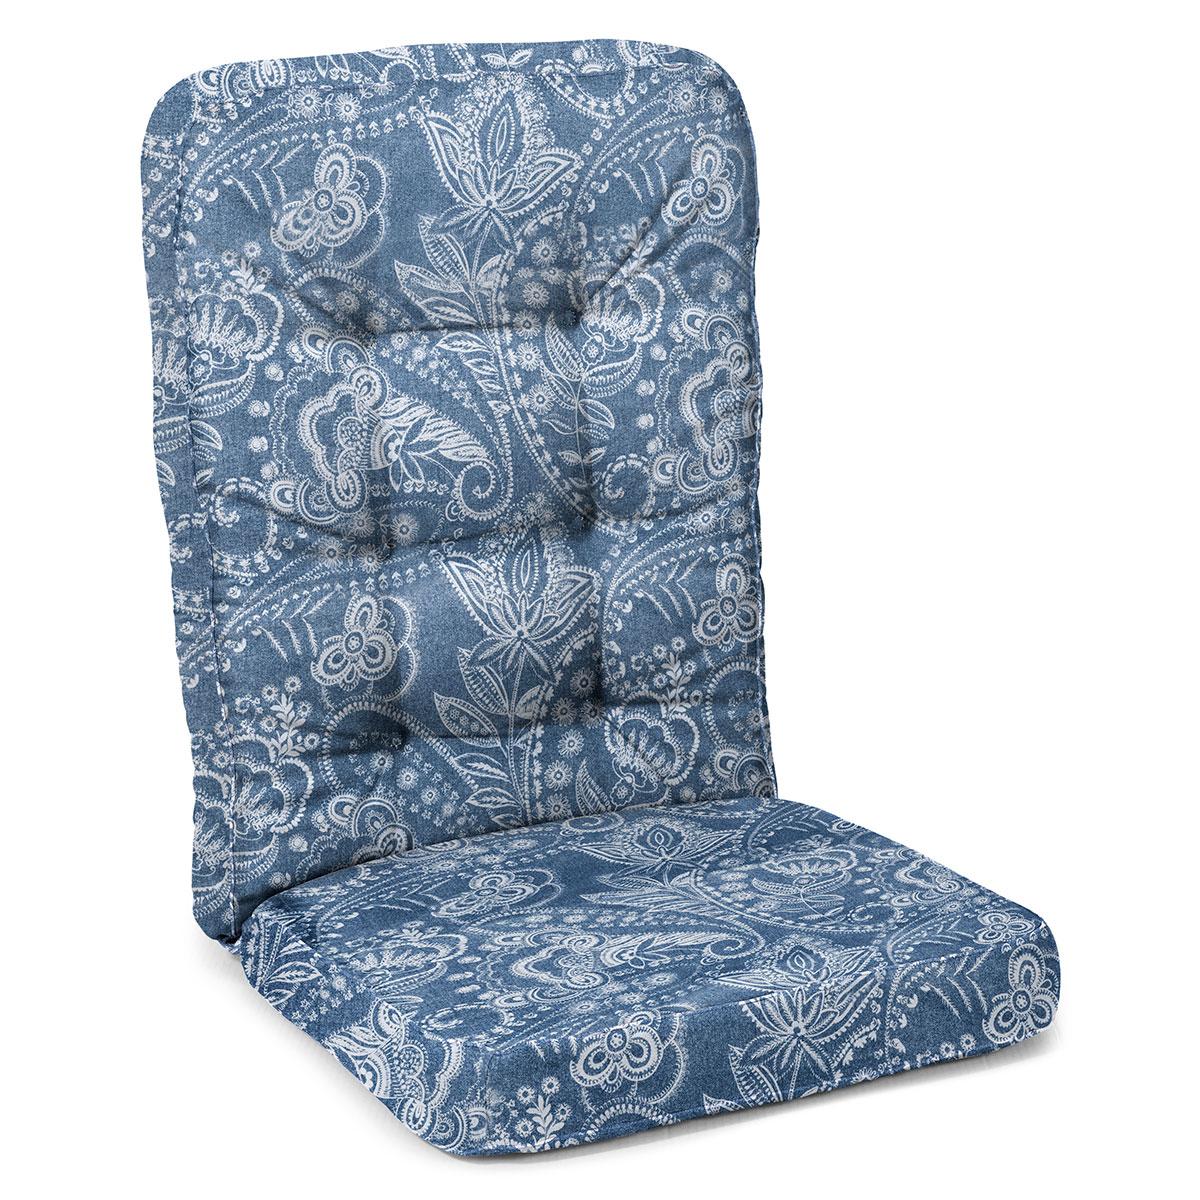 Hynde til Molly hængesofa - Paisley blå